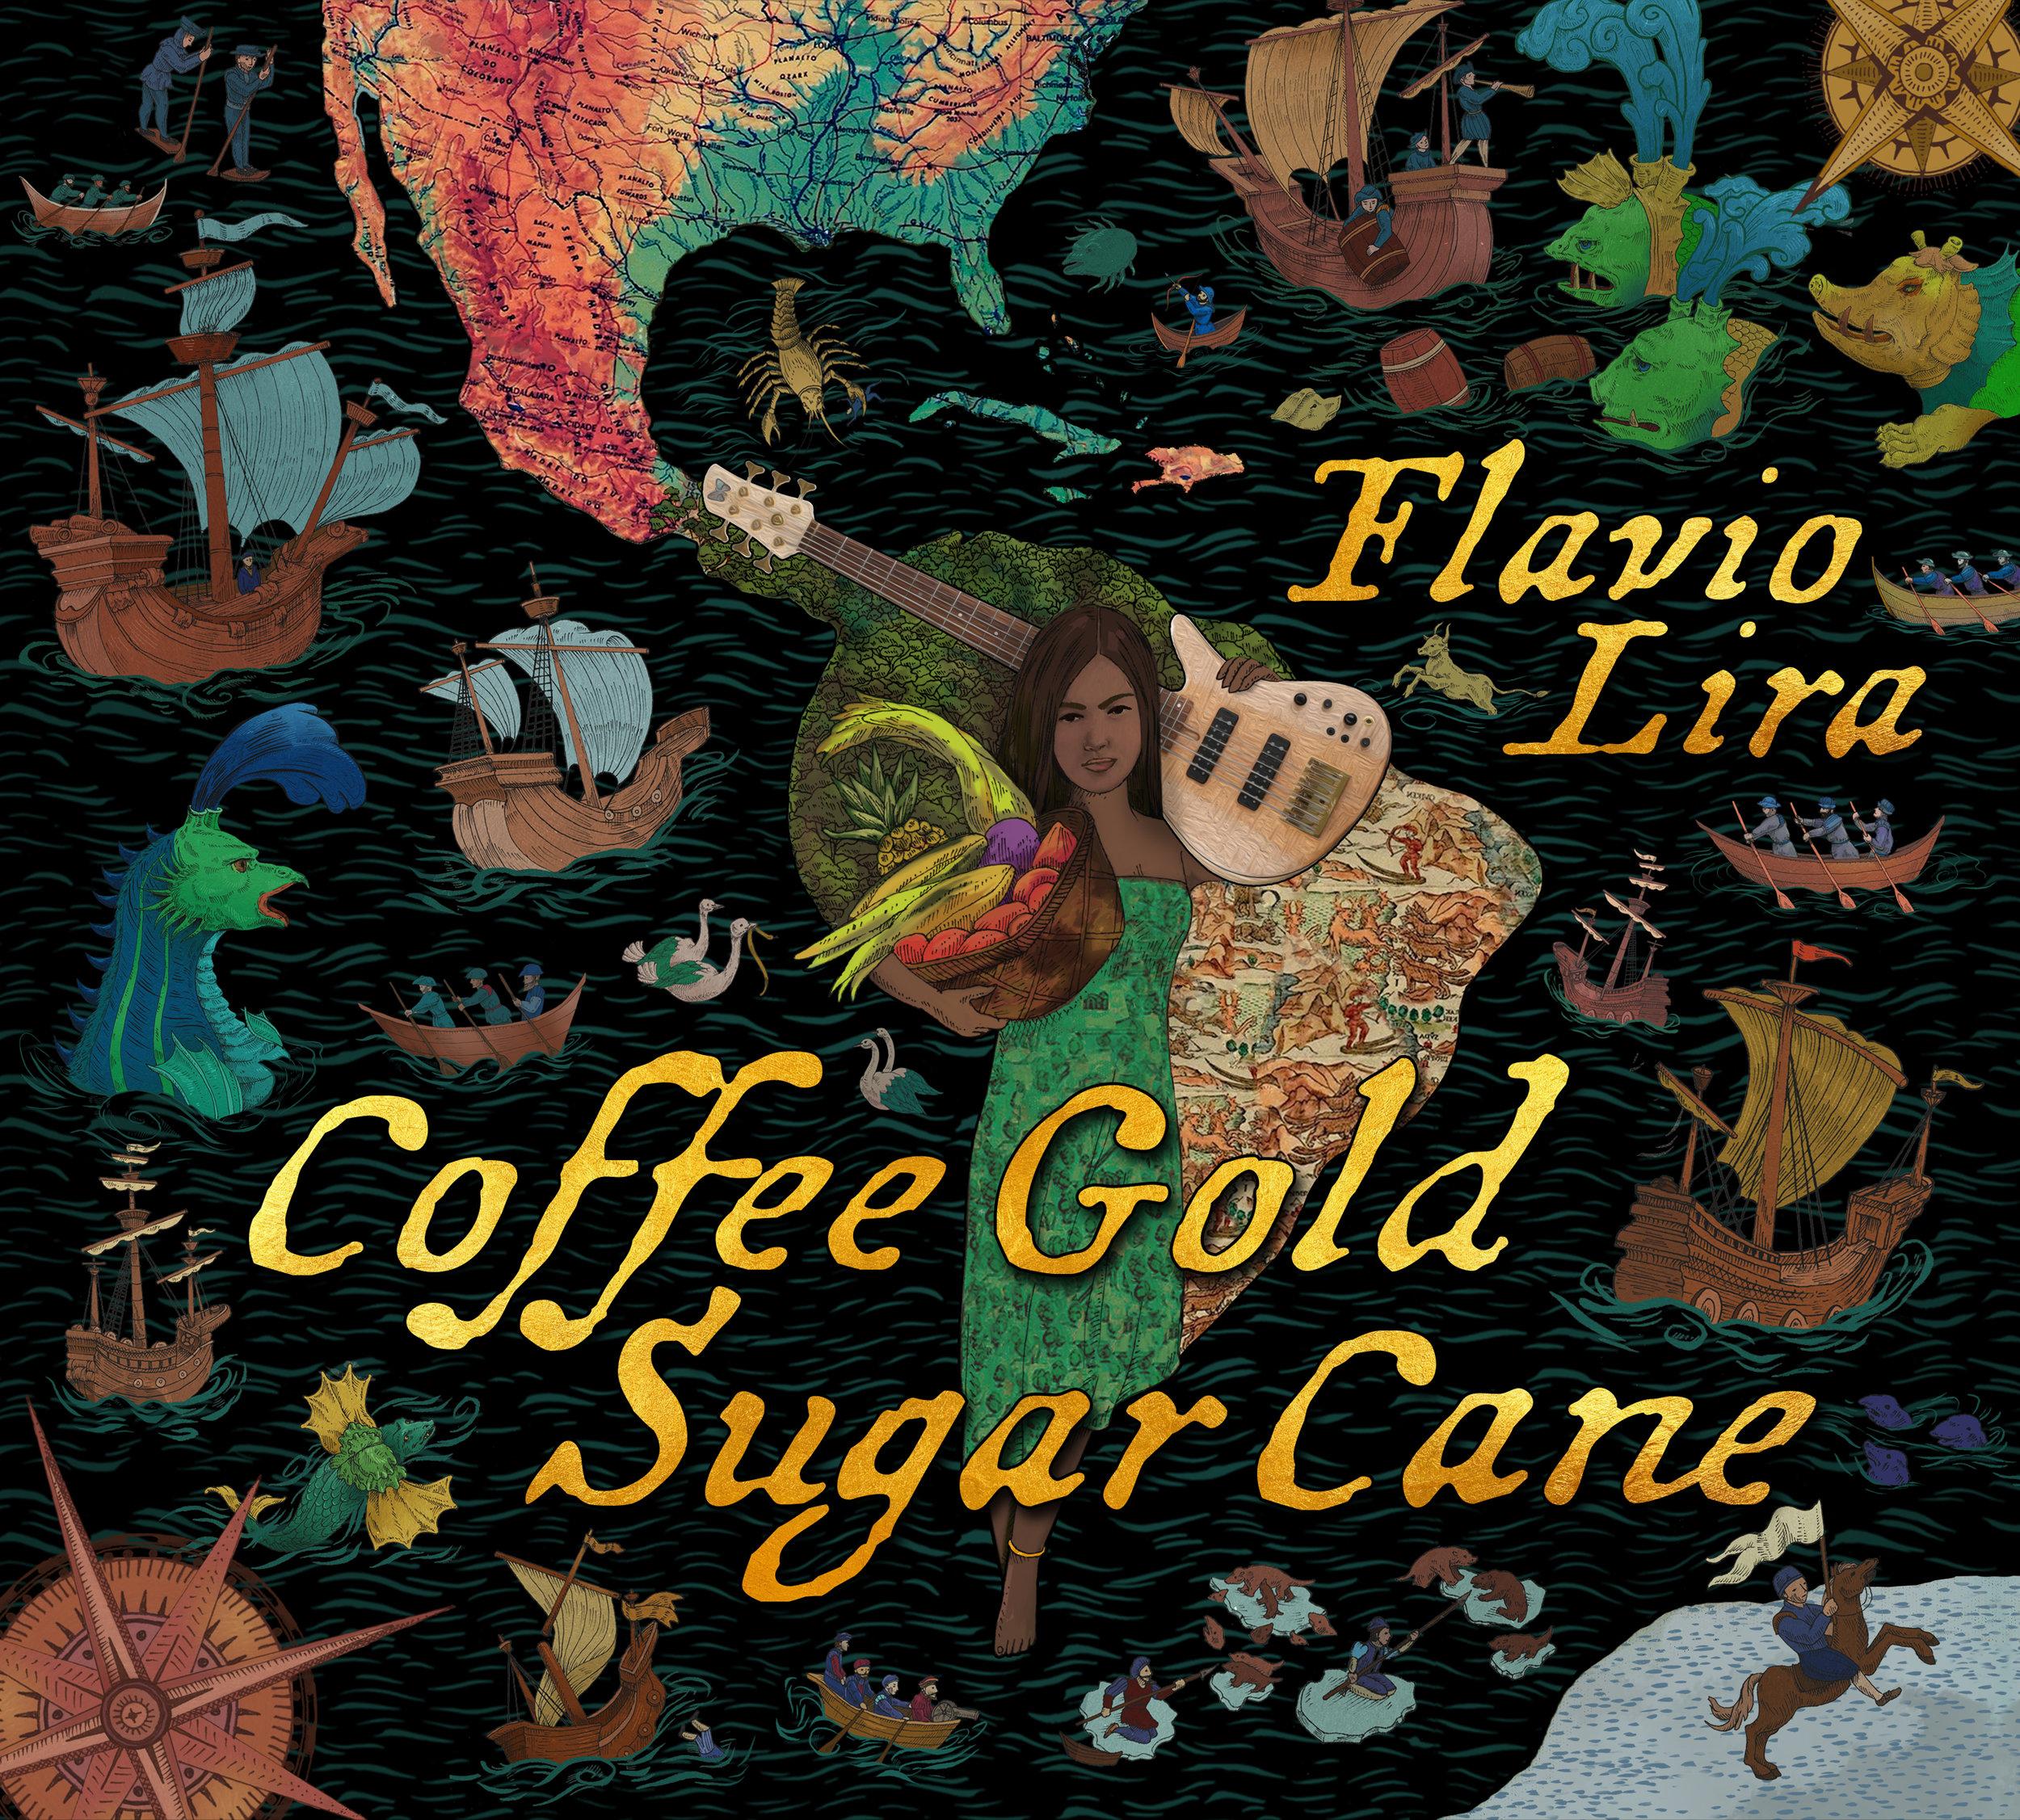 """Front Cover : """"Coffee Gold Sugar Cane"""" by Flavio Lira"""